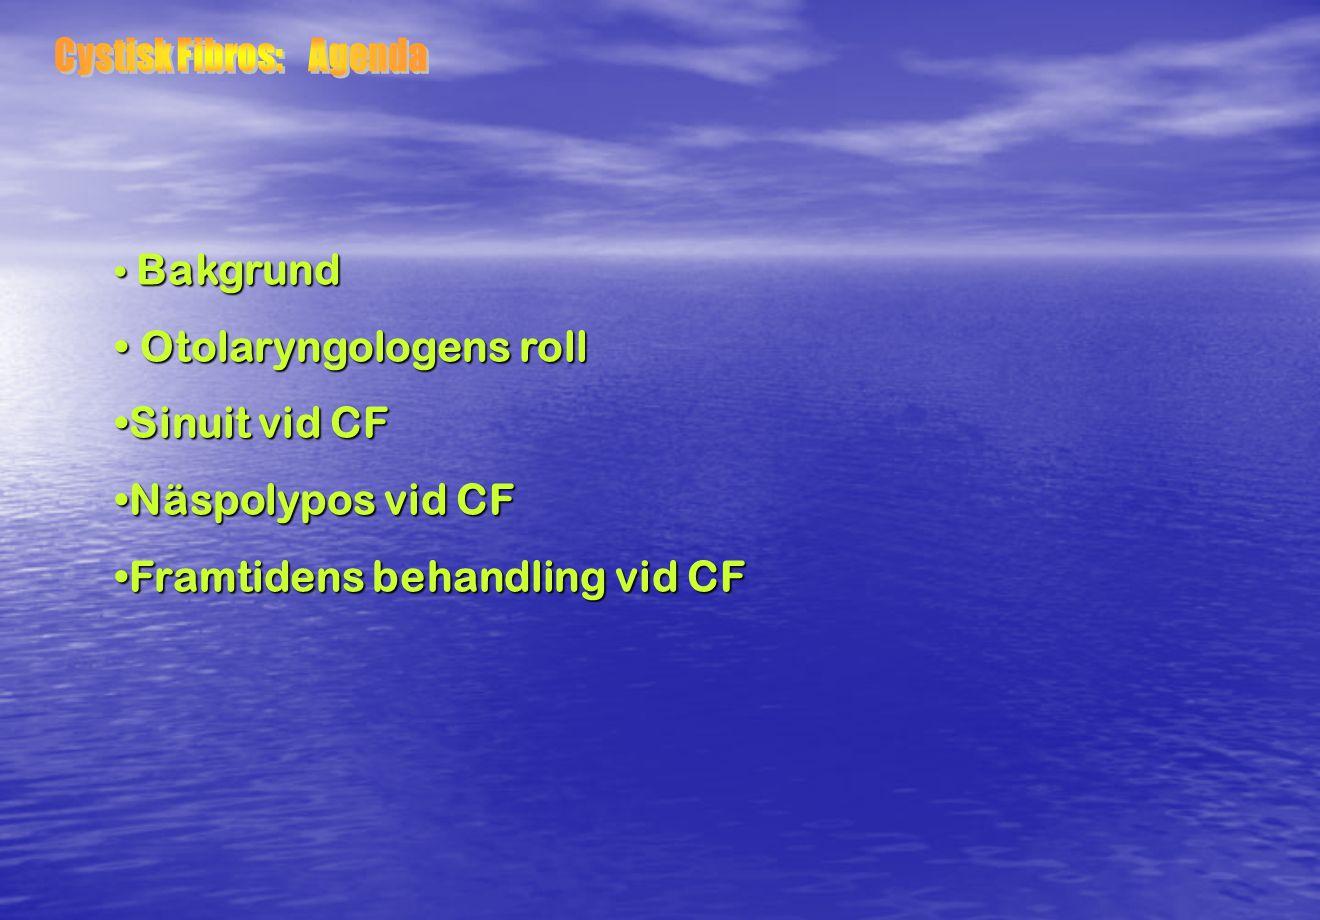 Bakgrund Bakgrund Otolaryngologens roll Otolaryngologens roll Sinuit vid CFSinuit vid CF Näspolypos vid CFNäspolypos vid CF Framtidens behandling vid